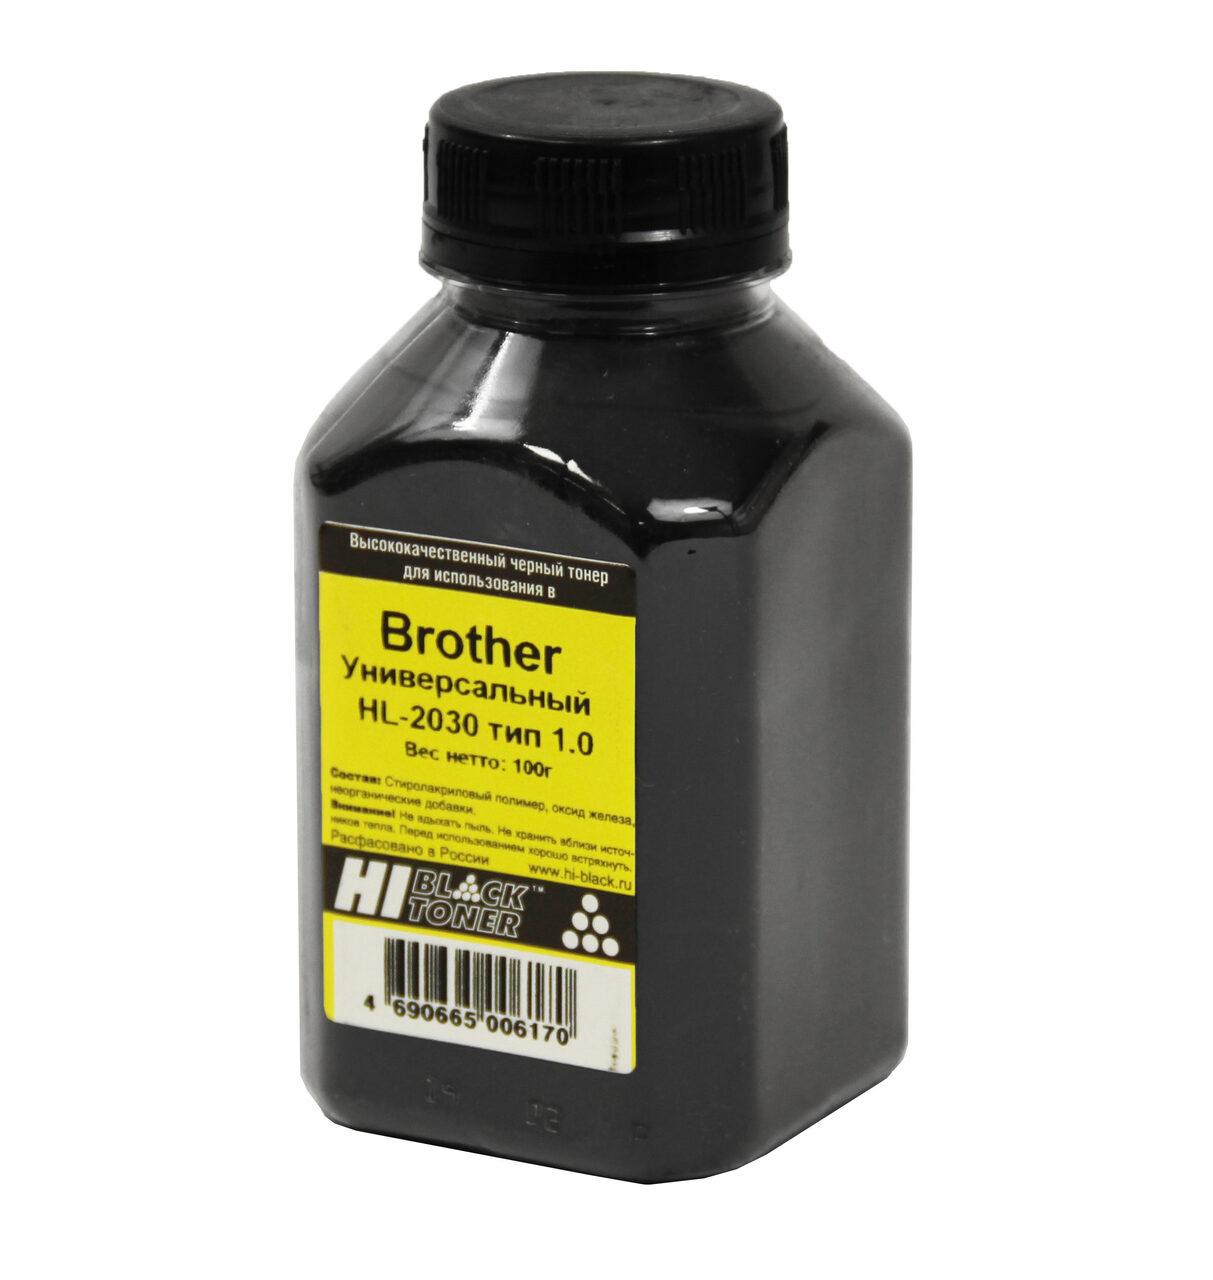 Тонер Hi-Black Универсальный для Brother HL-2030, Тип 1.0,Bk, 100 г, банка